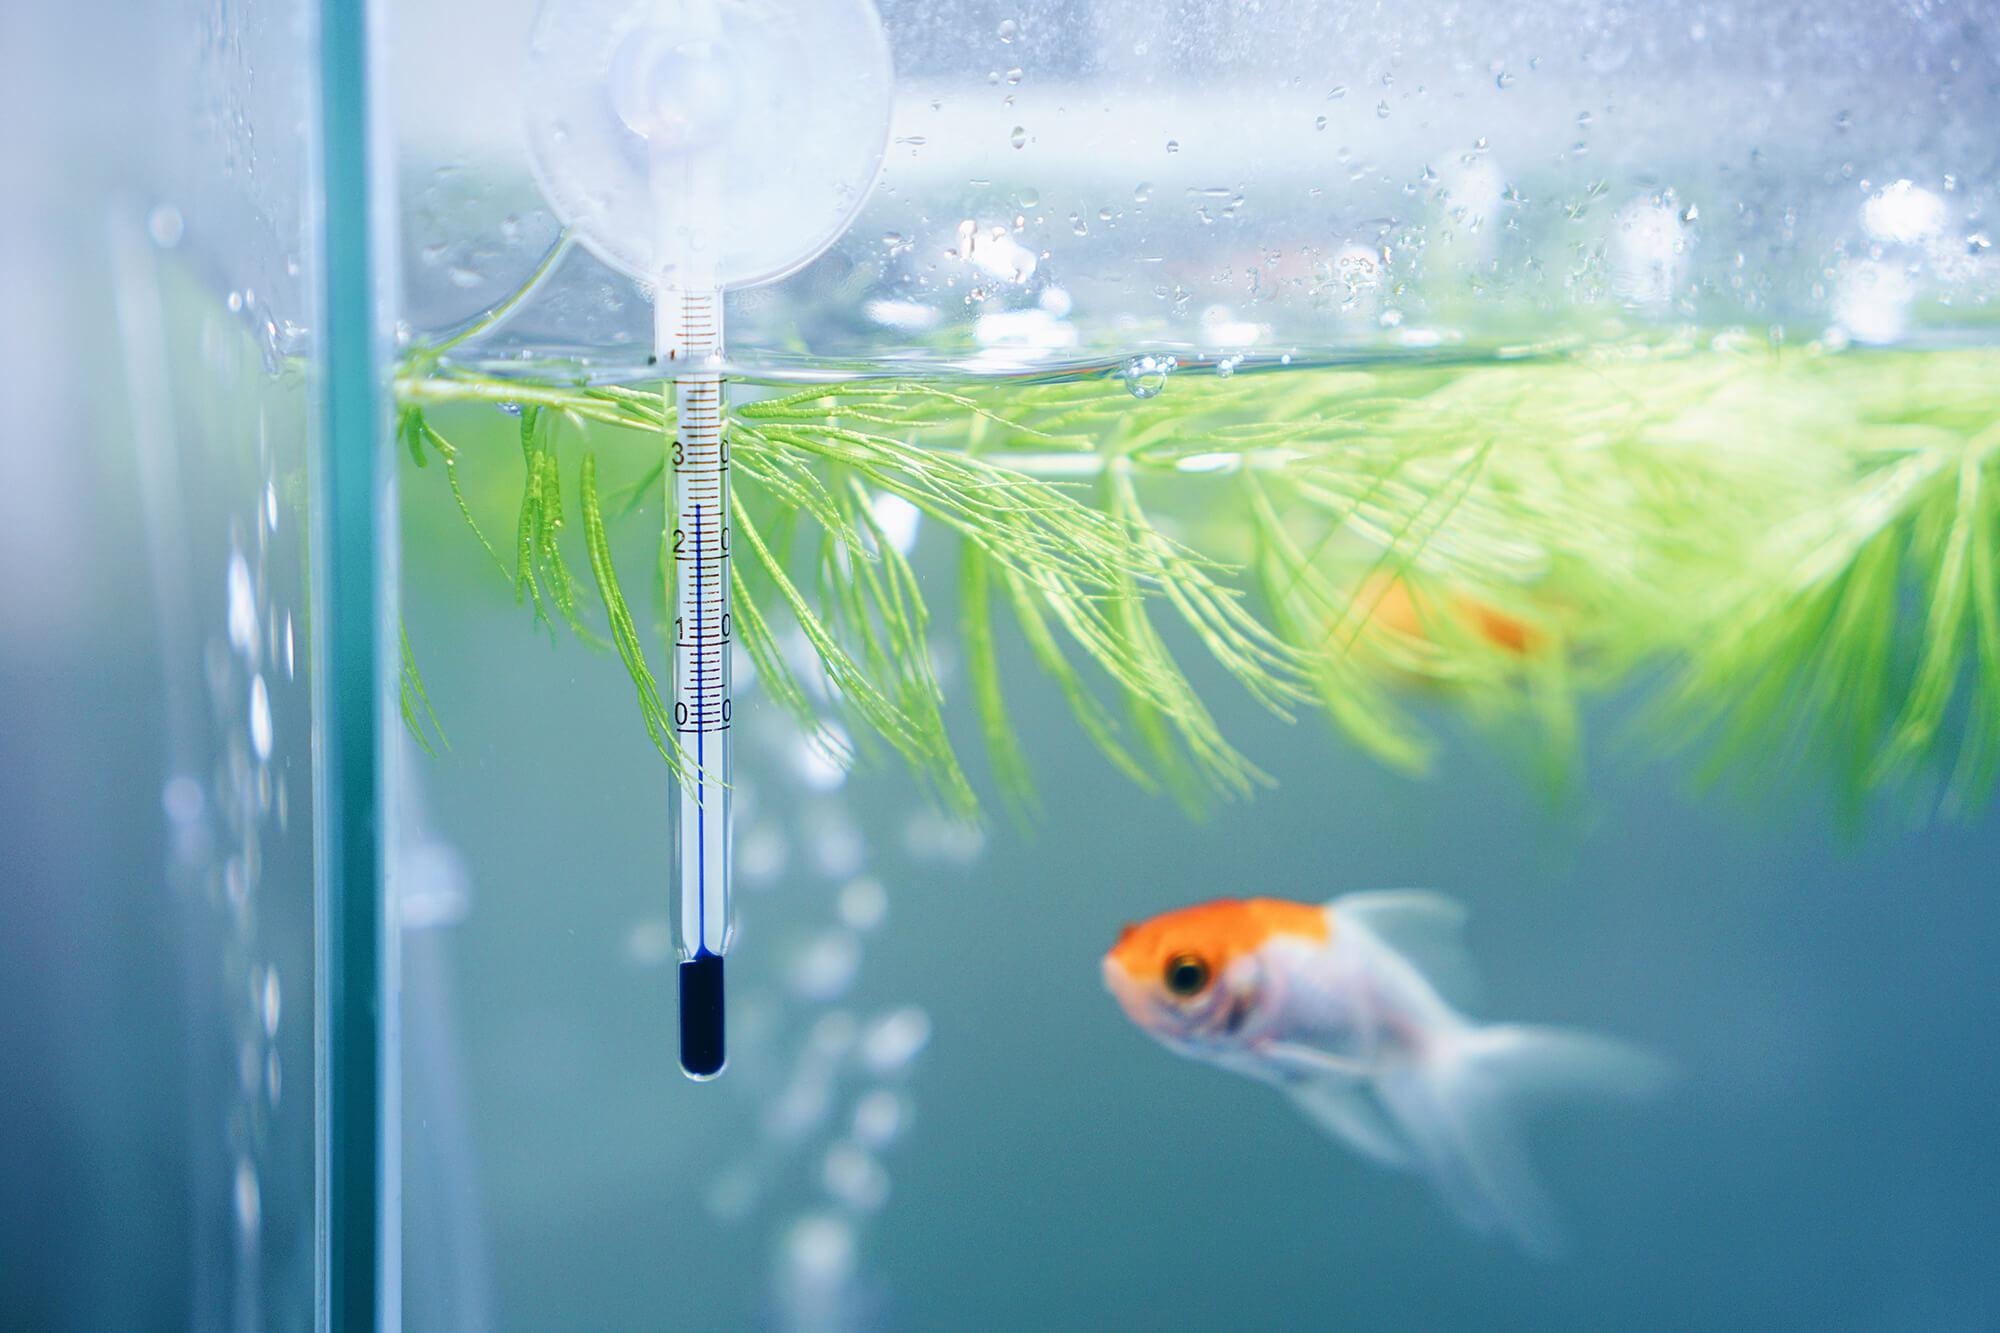 水草と金魚のオランダ